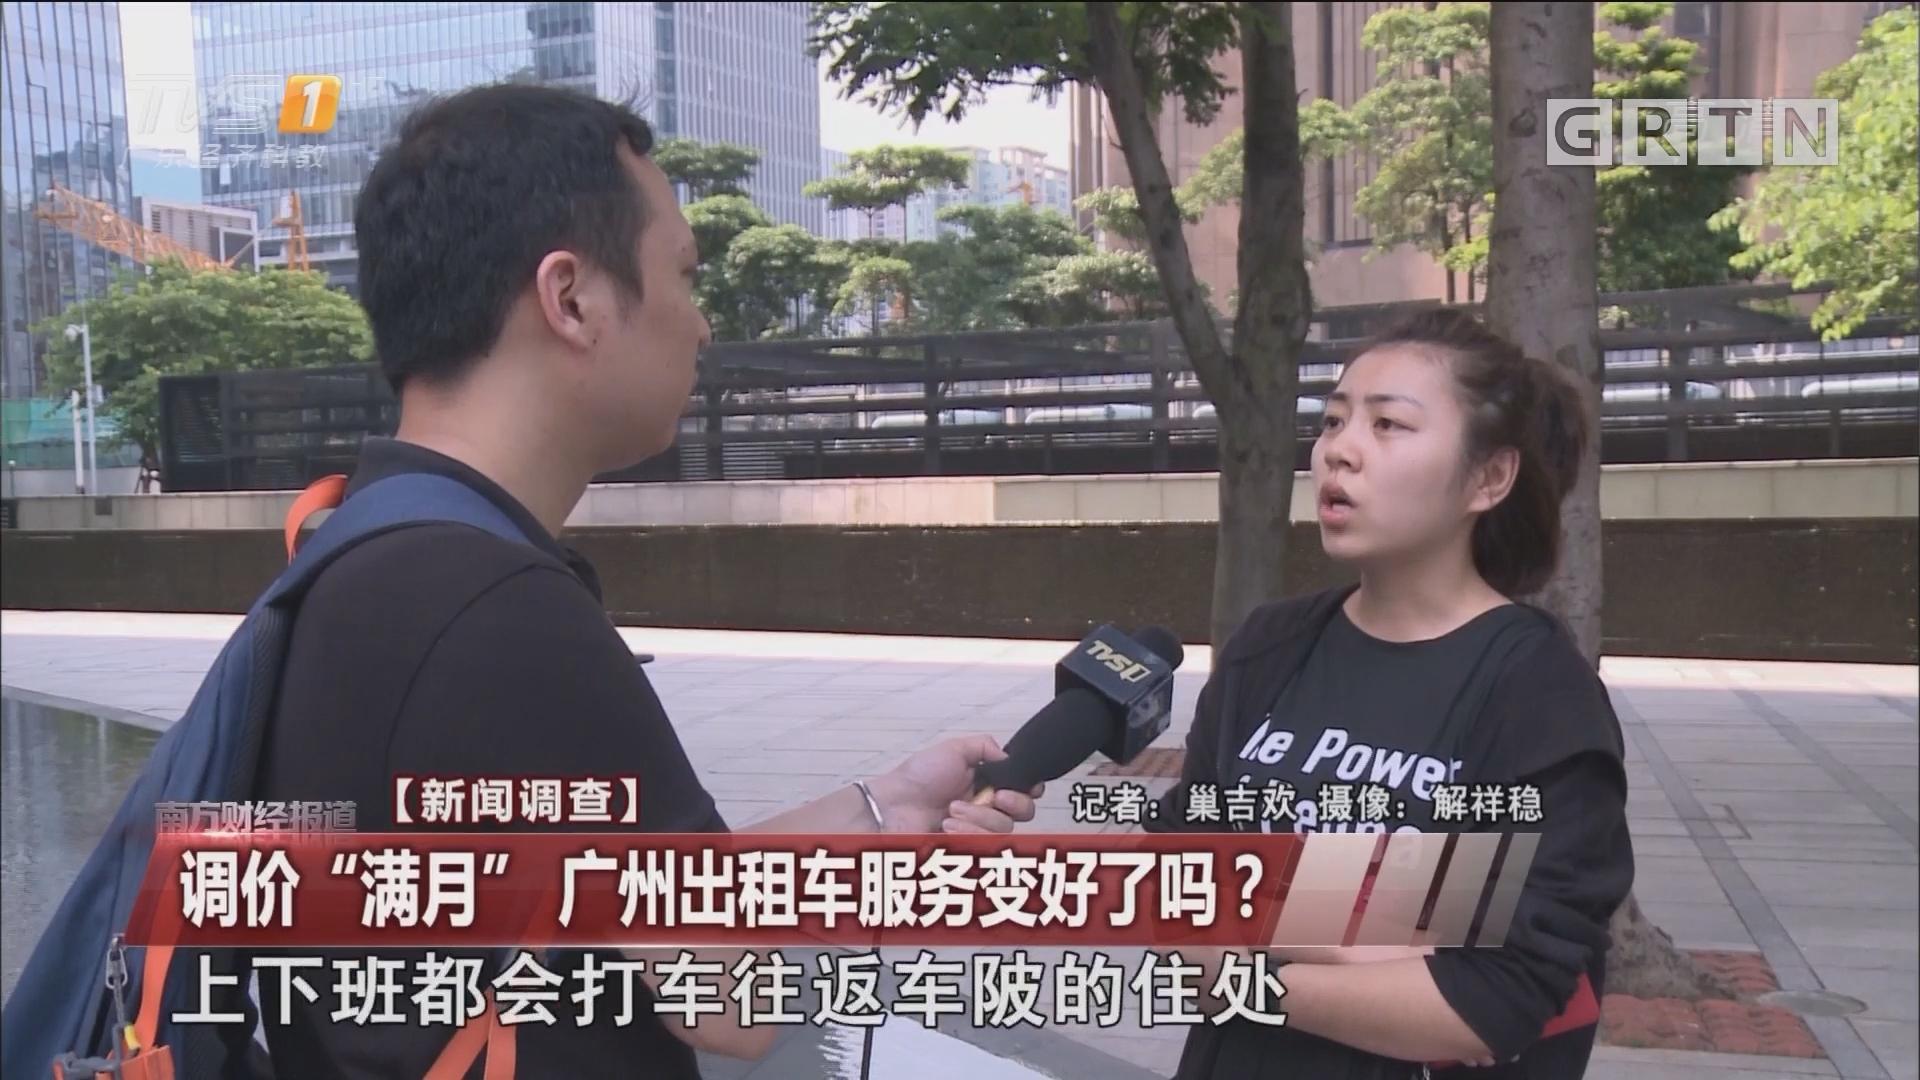 """调价""""满月"""" 广州出租车司机服务变好了吗?"""